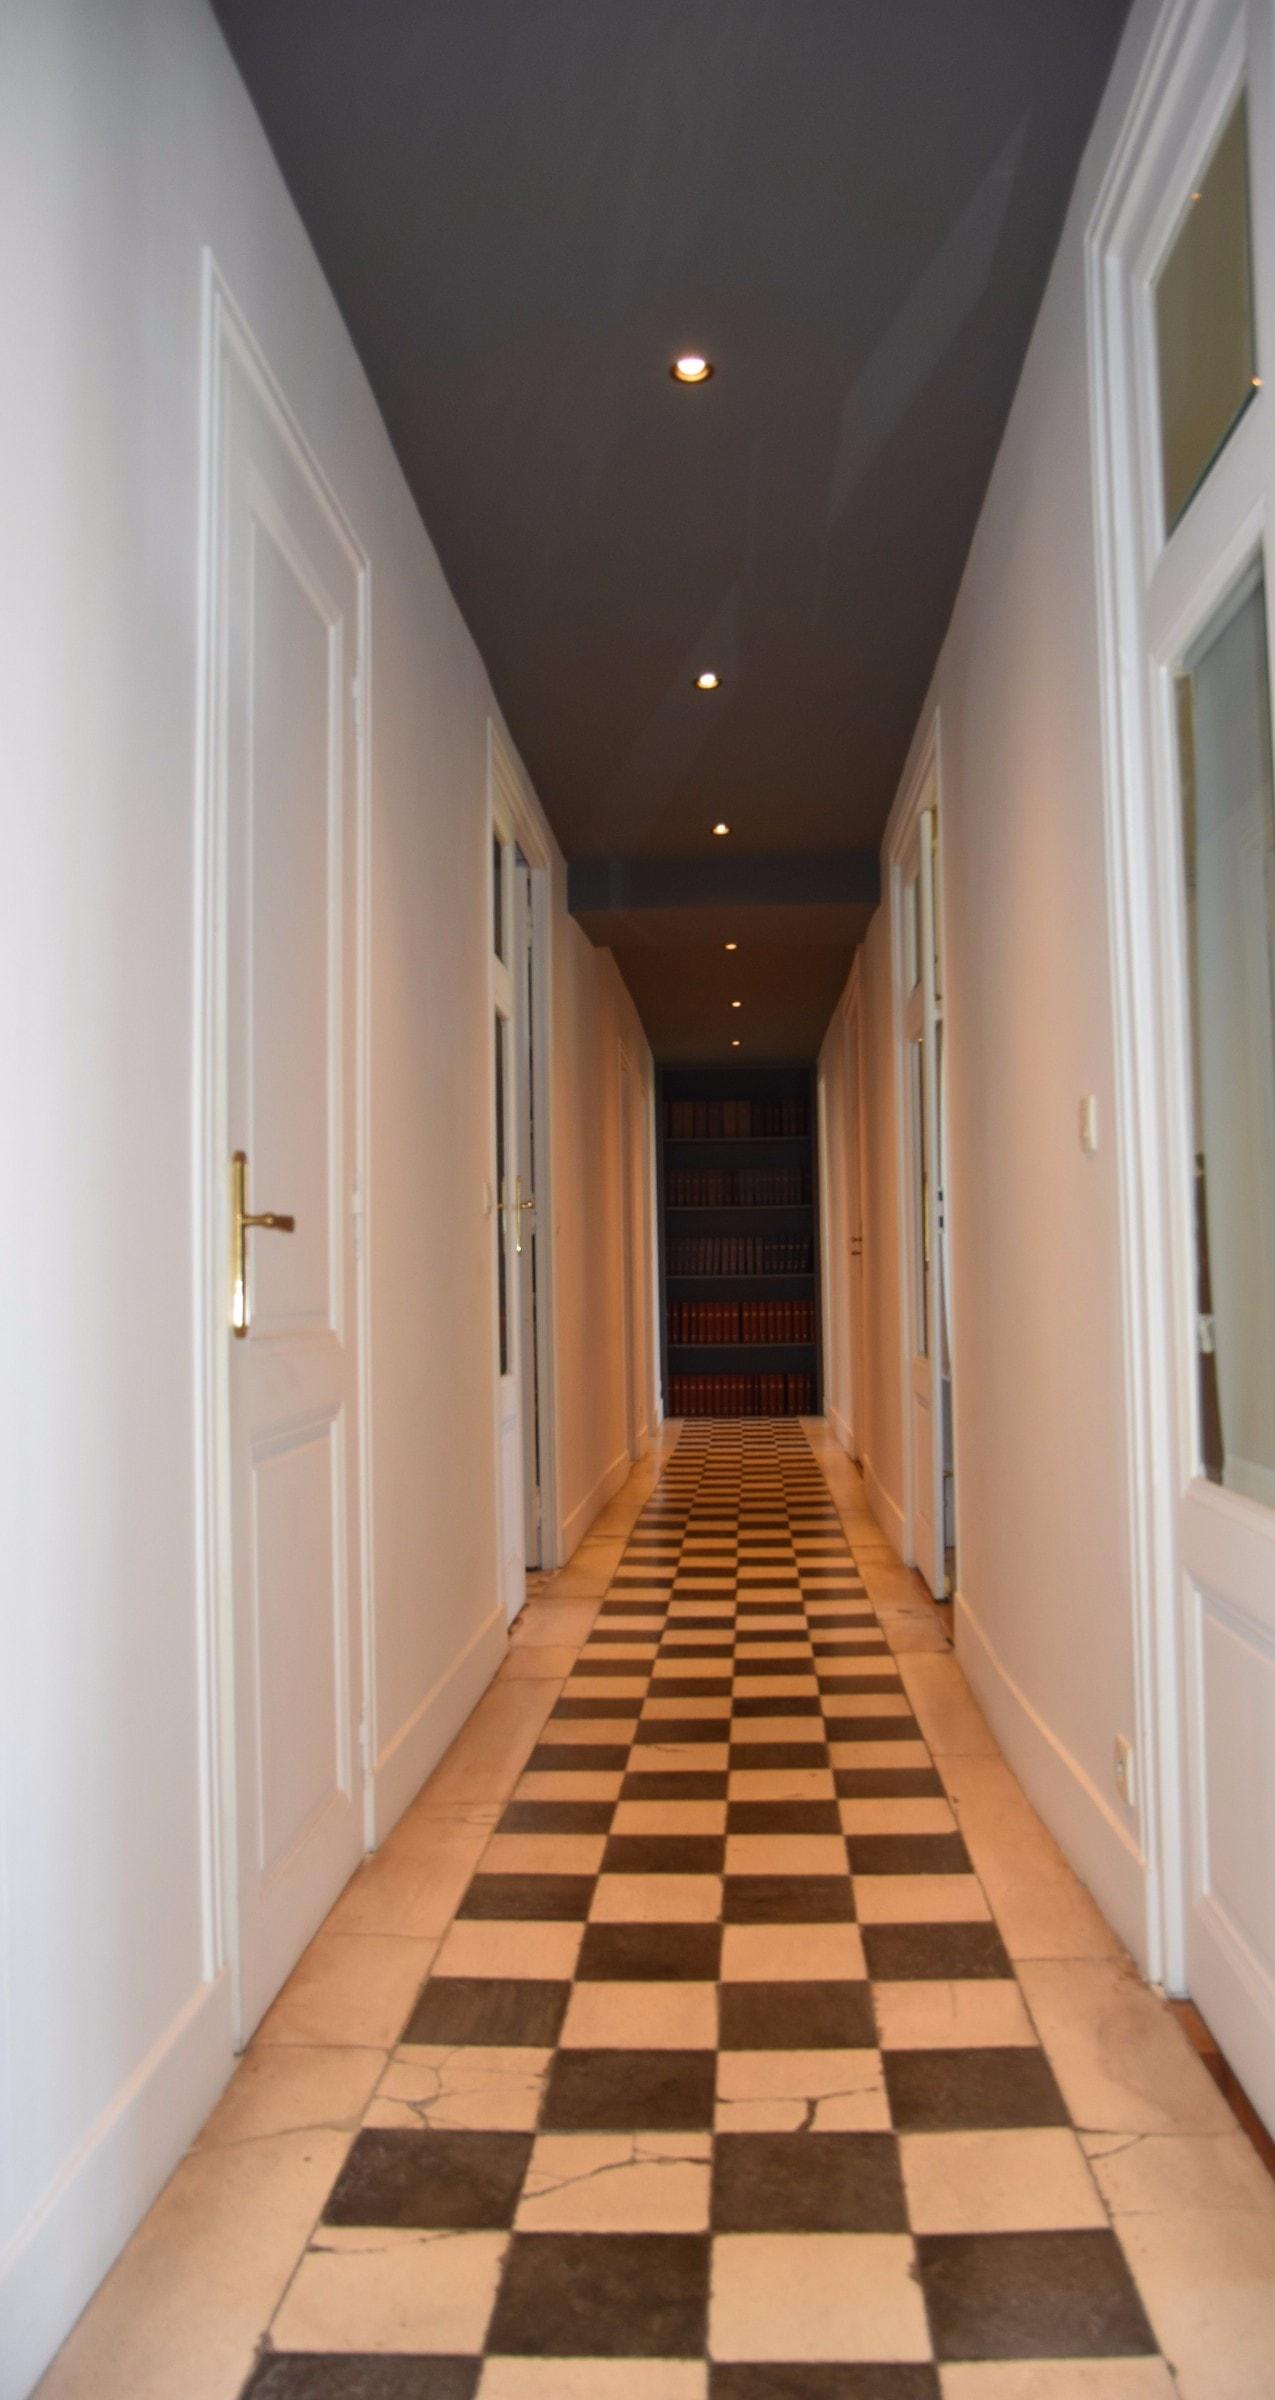 decoratrice interieur grenoble decorateur d interieur daccorateur dintacrieur decorateur. Black Bedroom Furniture Sets. Home Design Ideas